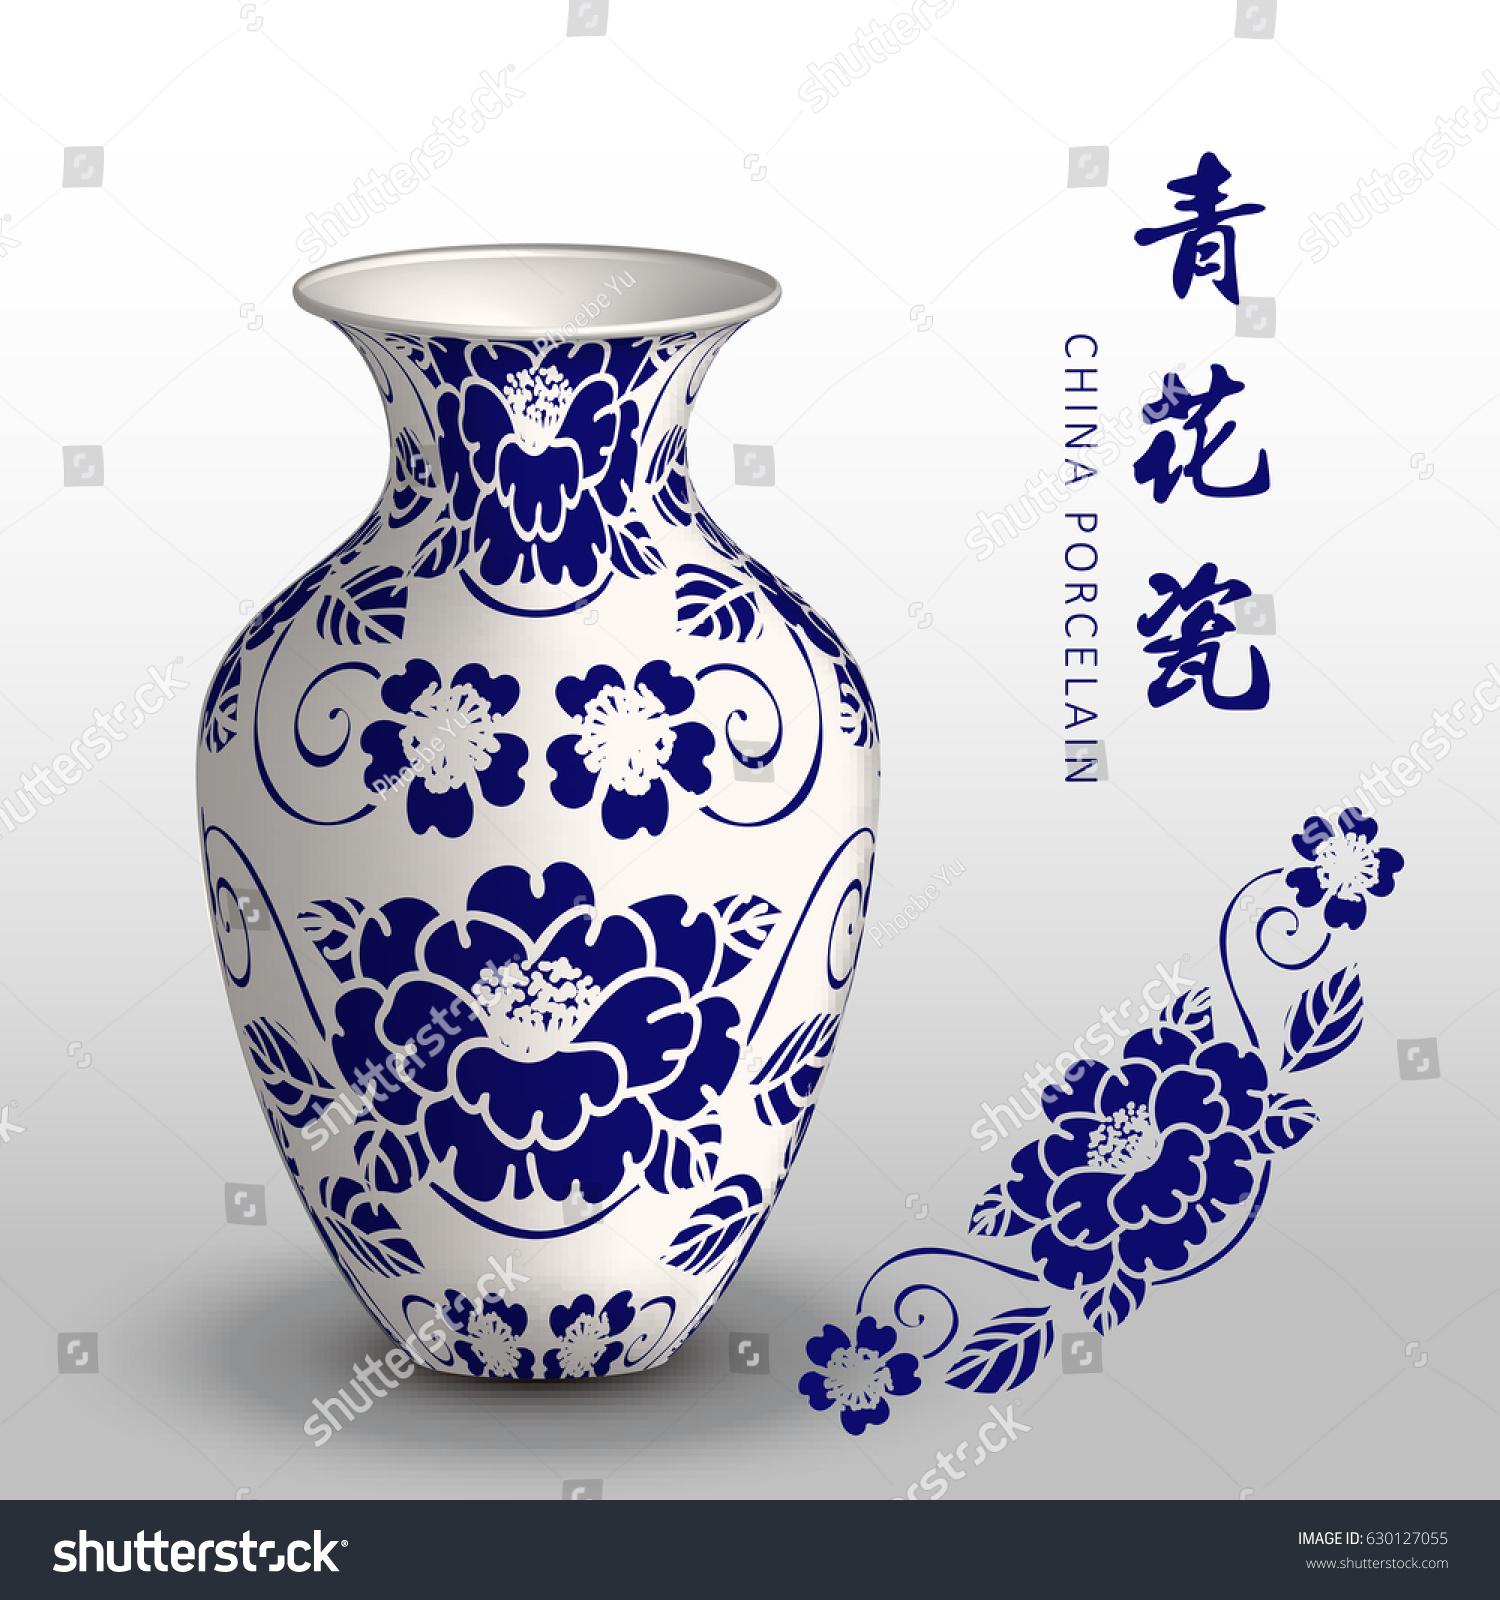 navy blue china porcelain vase garden curve spiral vine flower the translation is blue white